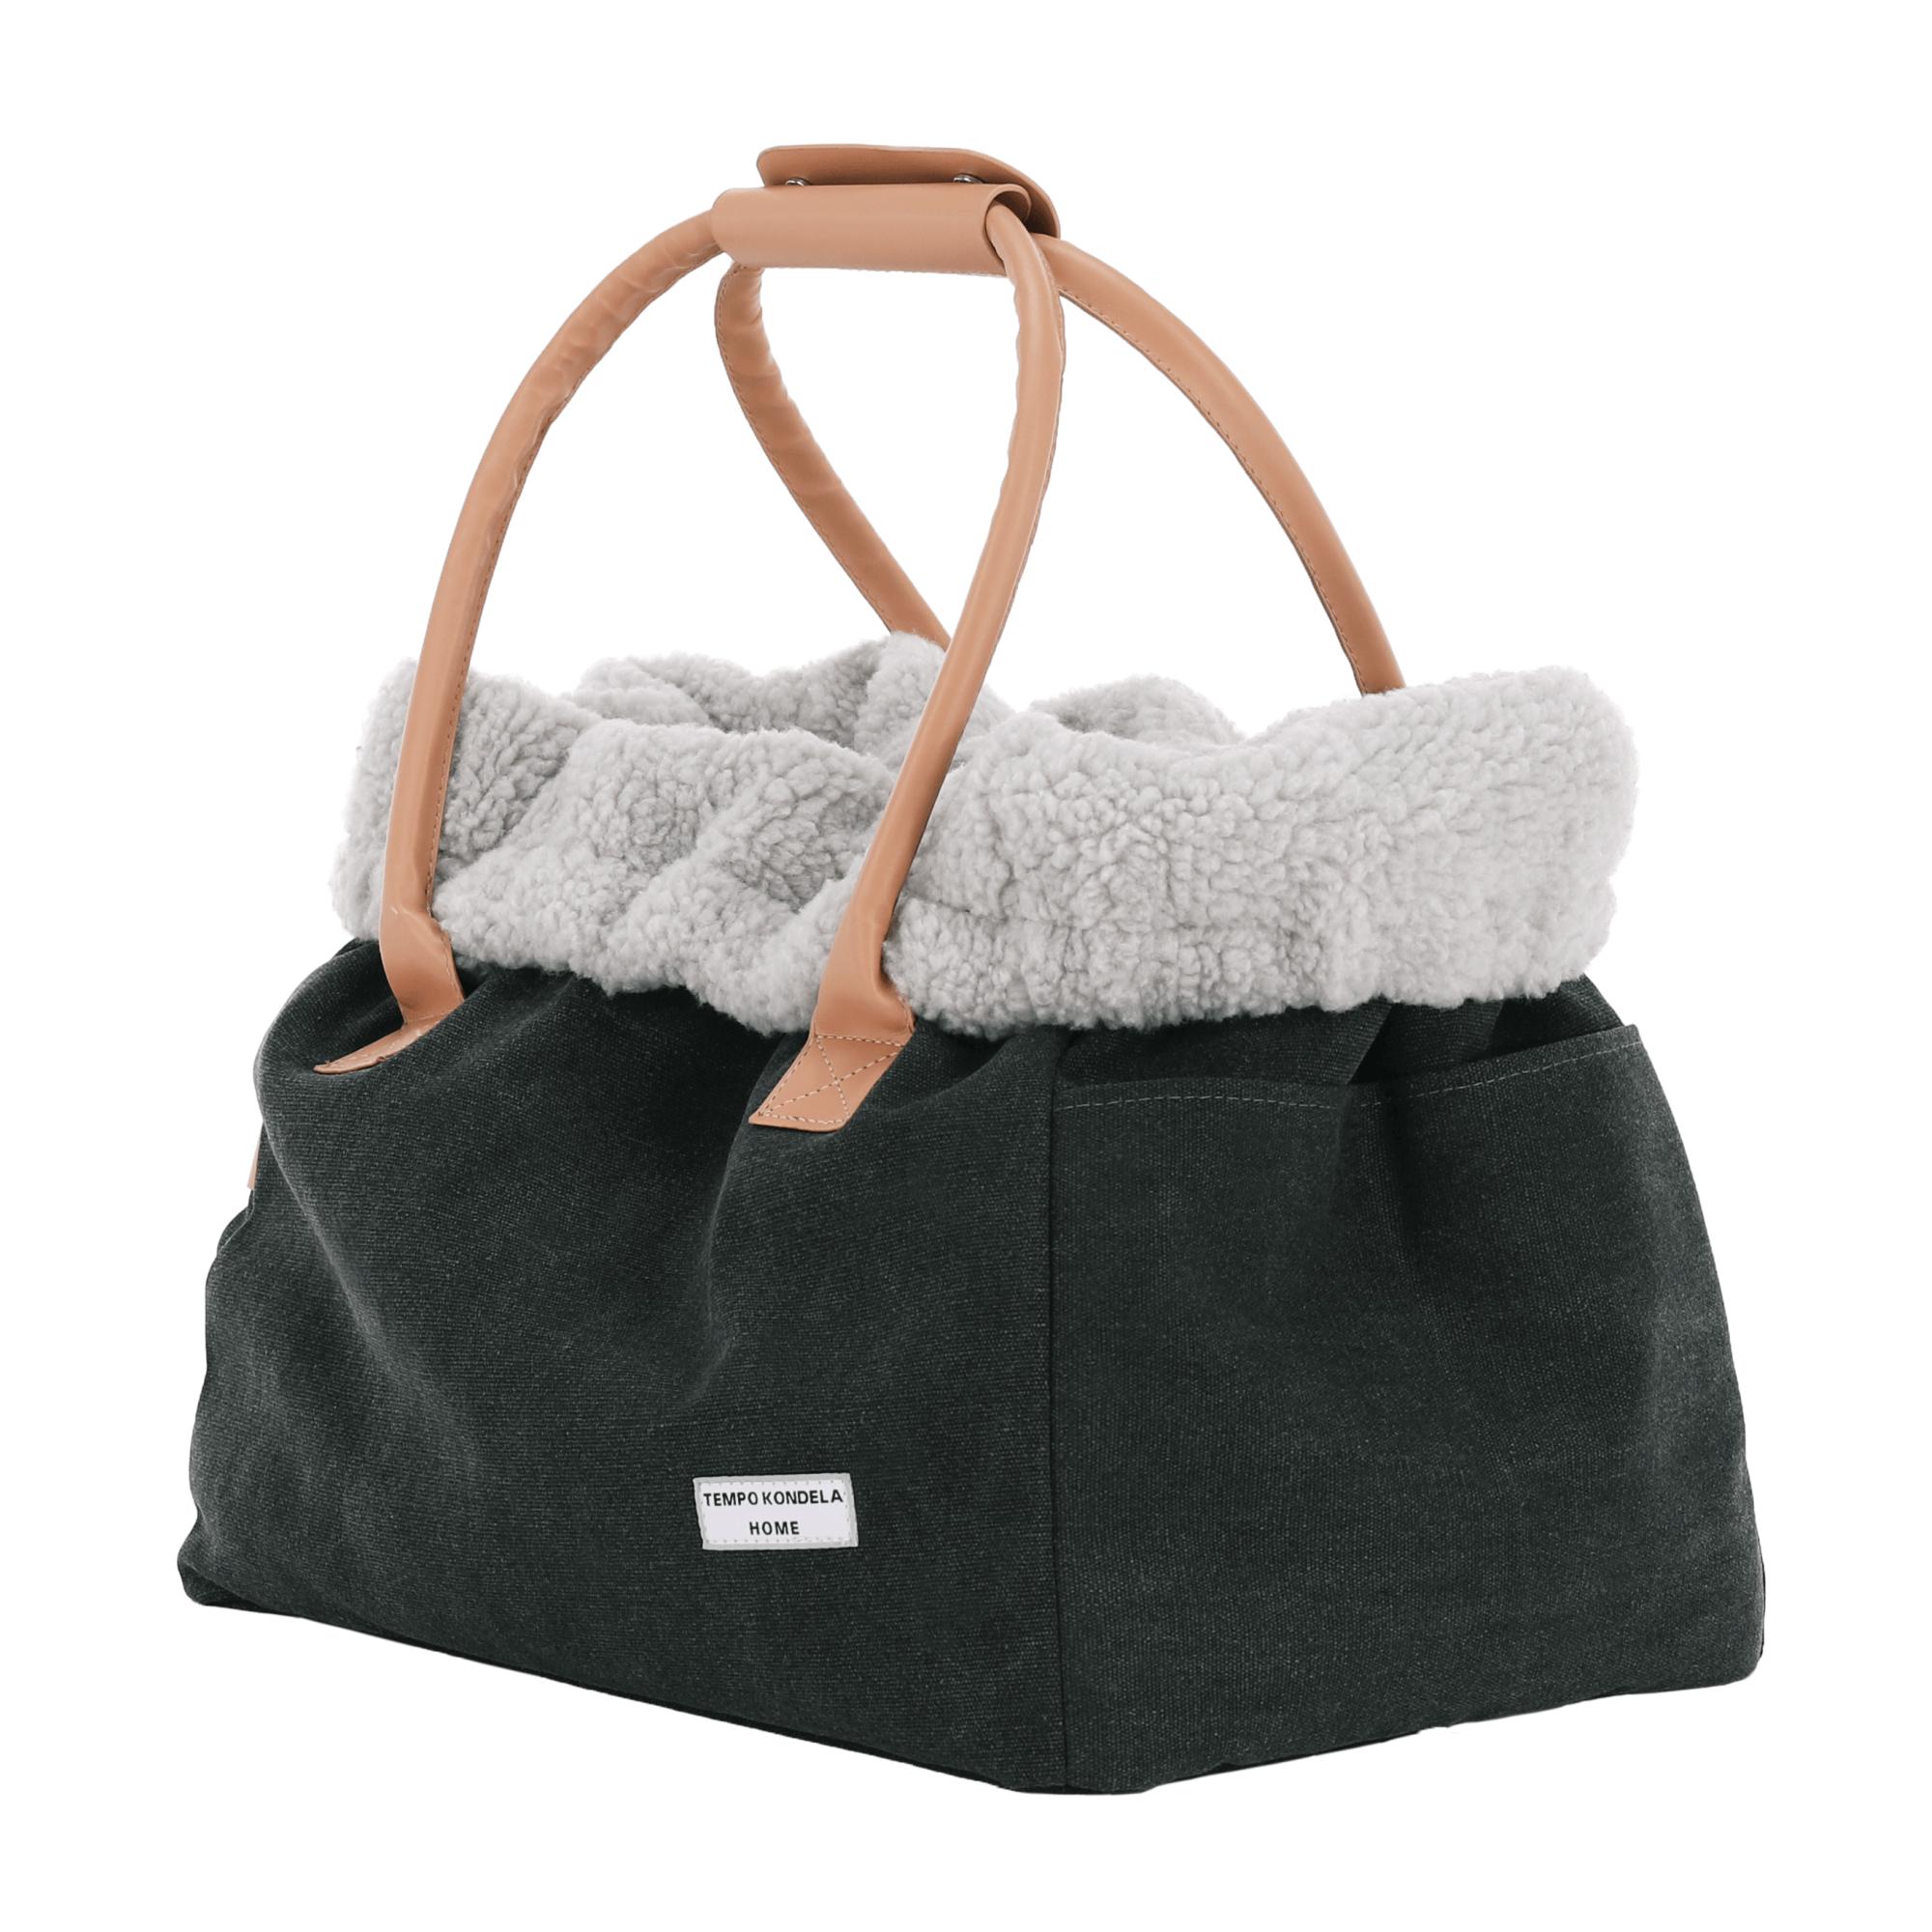 Kutyahordozó táska, kicsi, szürke/bézs, 40x26x30cm, MANIK TYP4